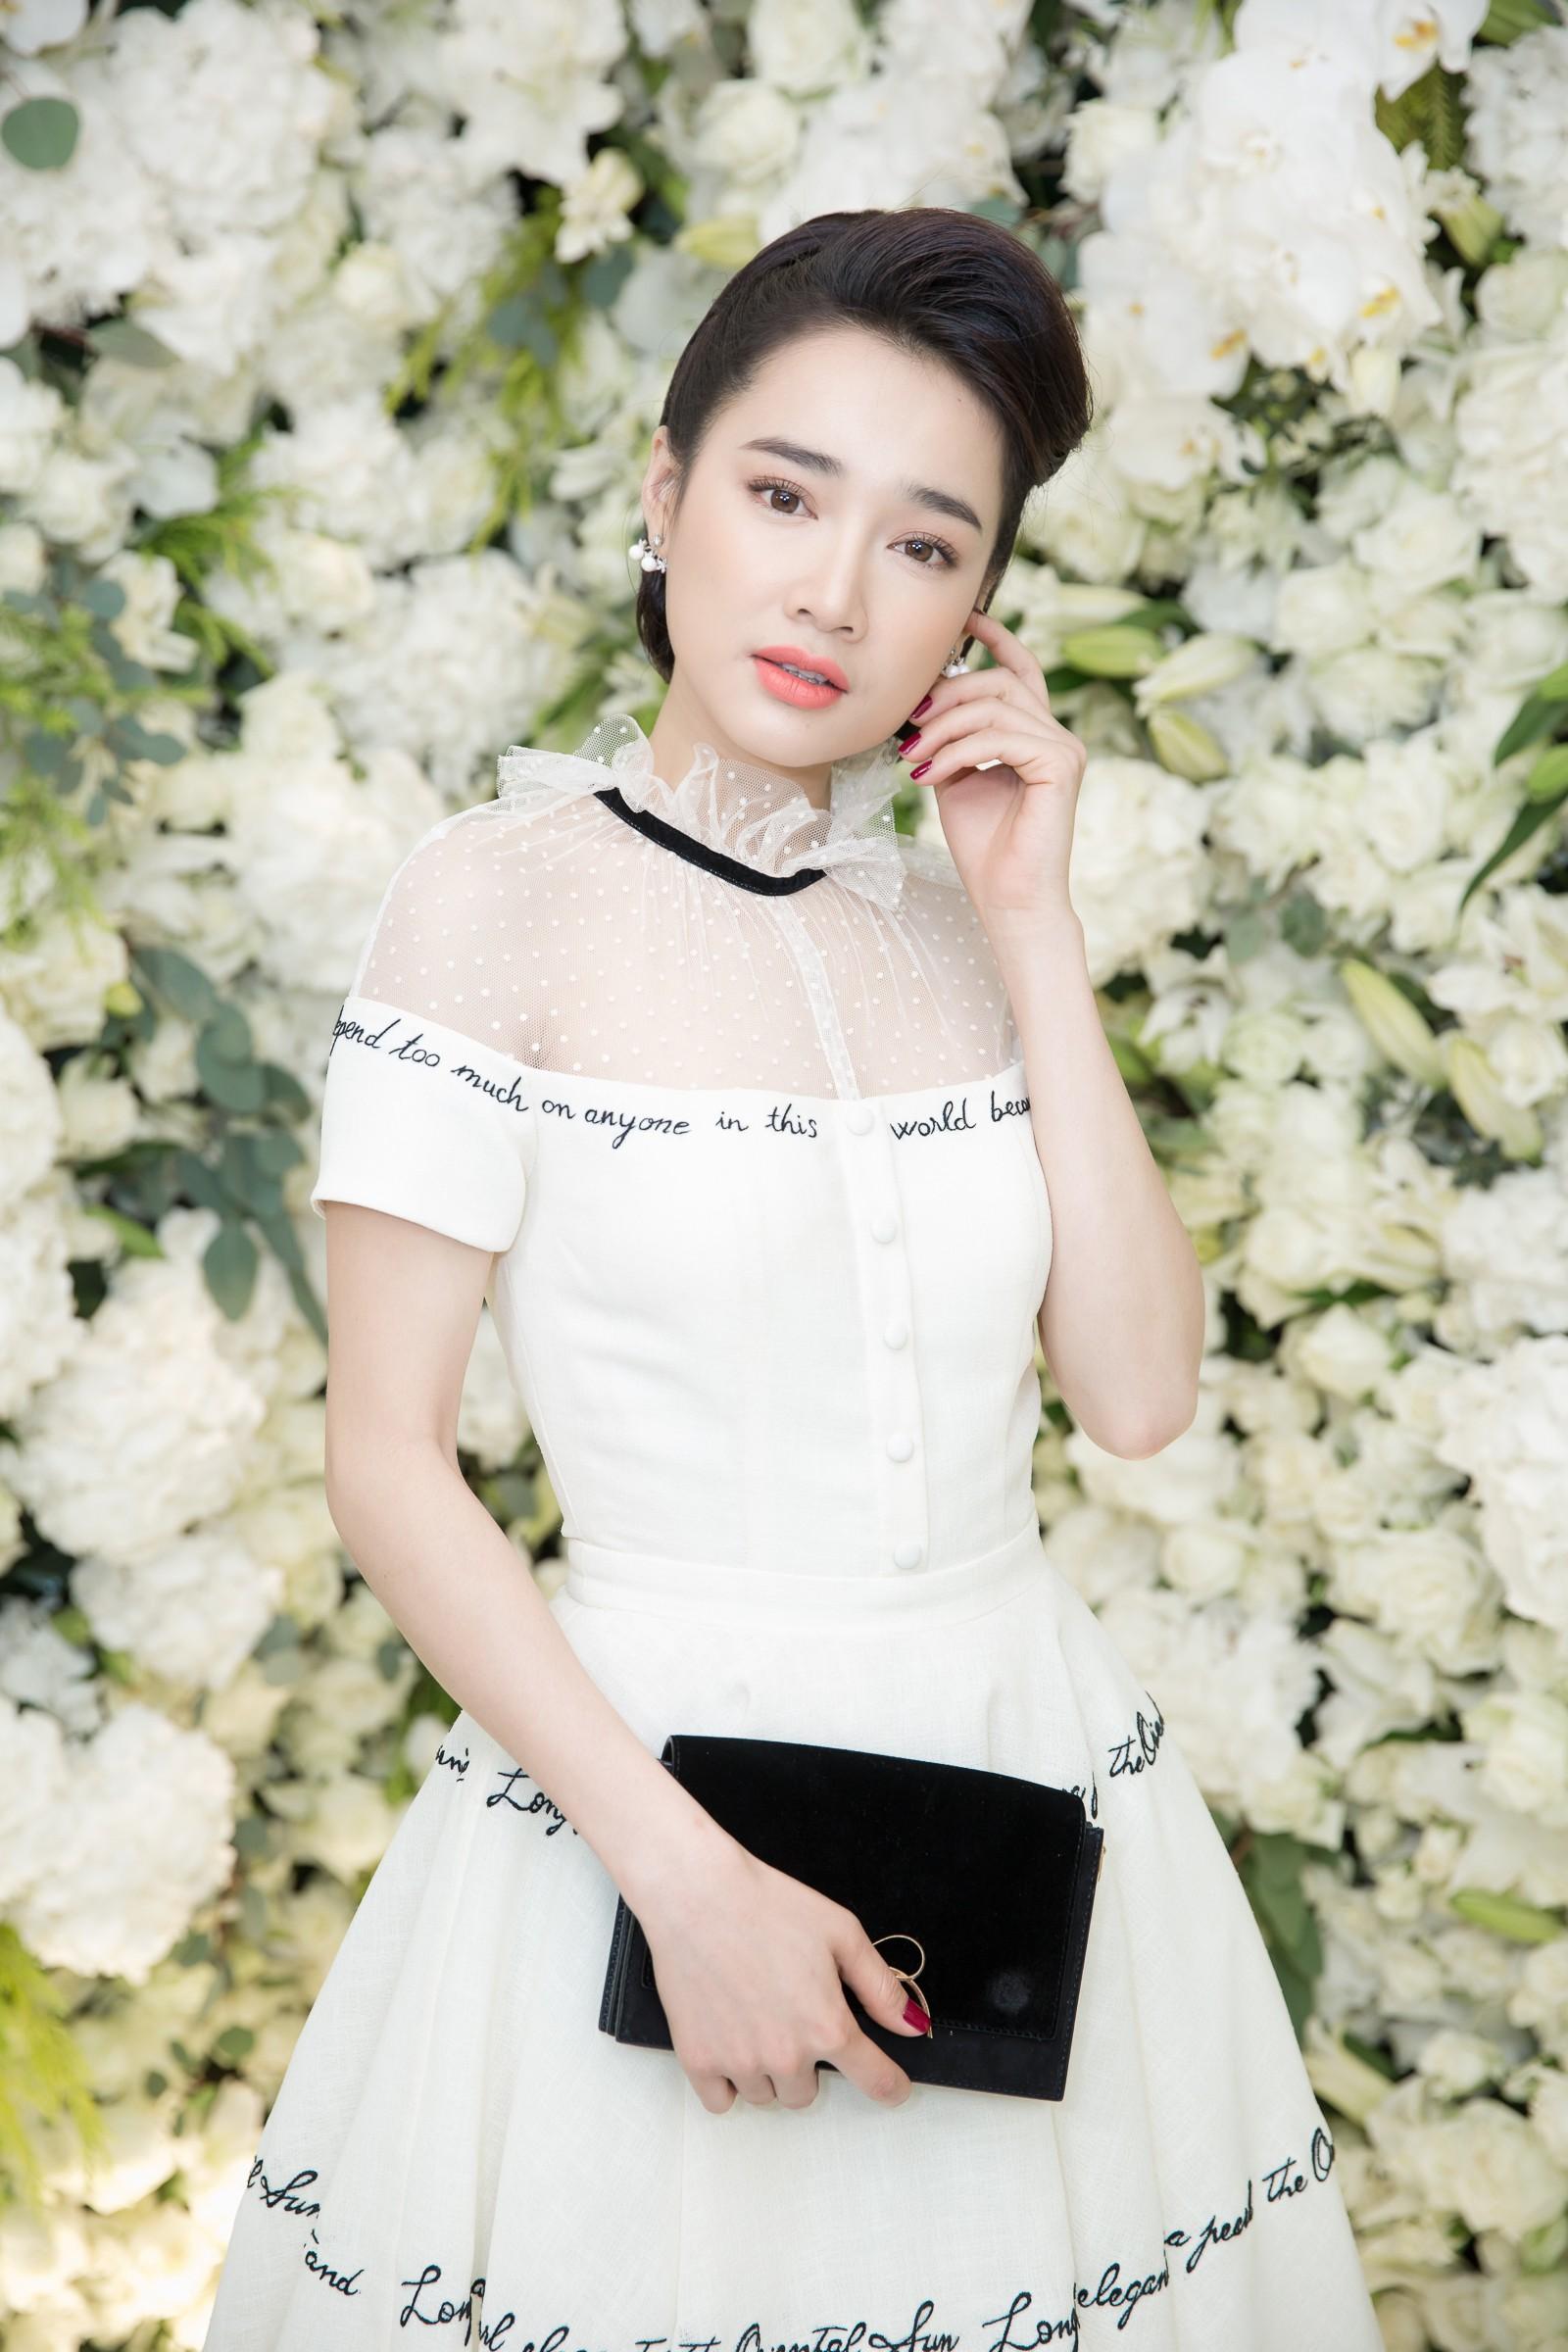 """Không chỉ táo bạo khoe ngực khủng, Nhã Phương còn chăm chỉ nâng cấp"""" bản thân sau khi làm vợ Trường Giang-2"""